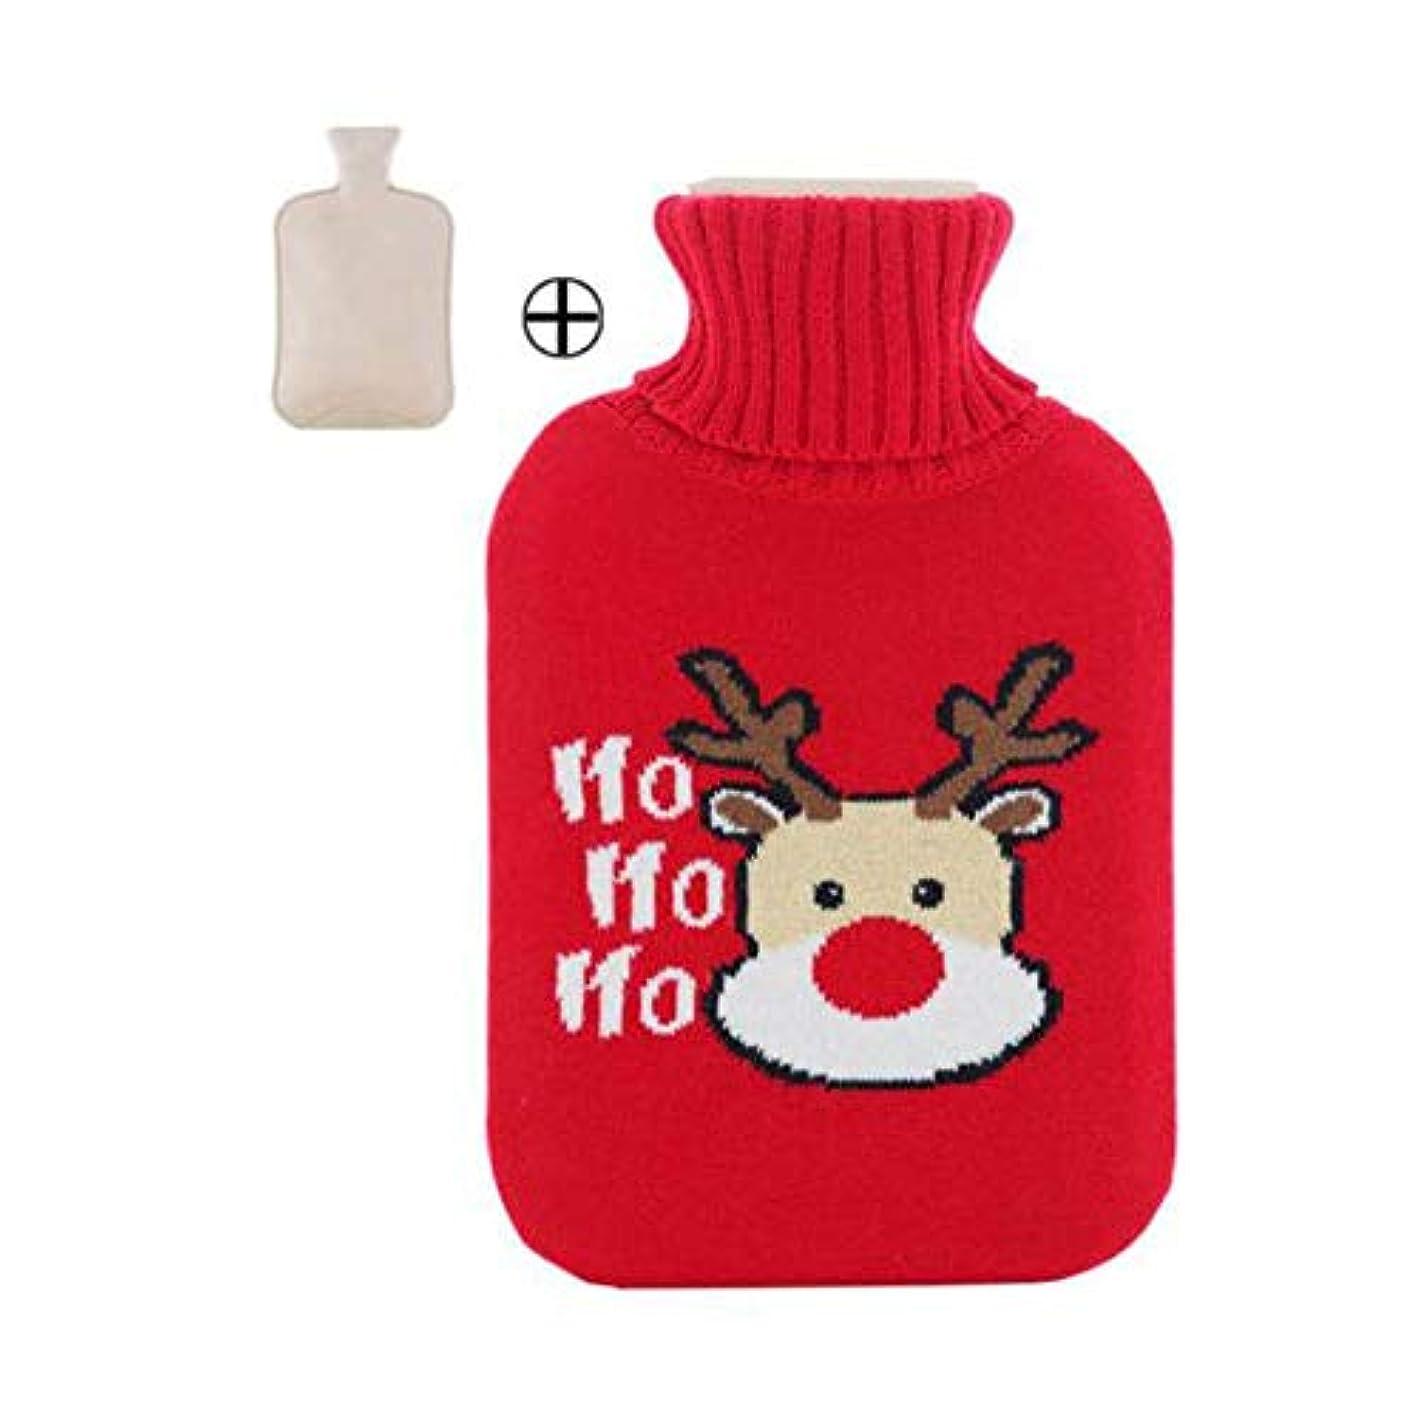 成熟カビ王子ホットウォーターボトル大温かいクリスマススタイルのウォーターボトル2L